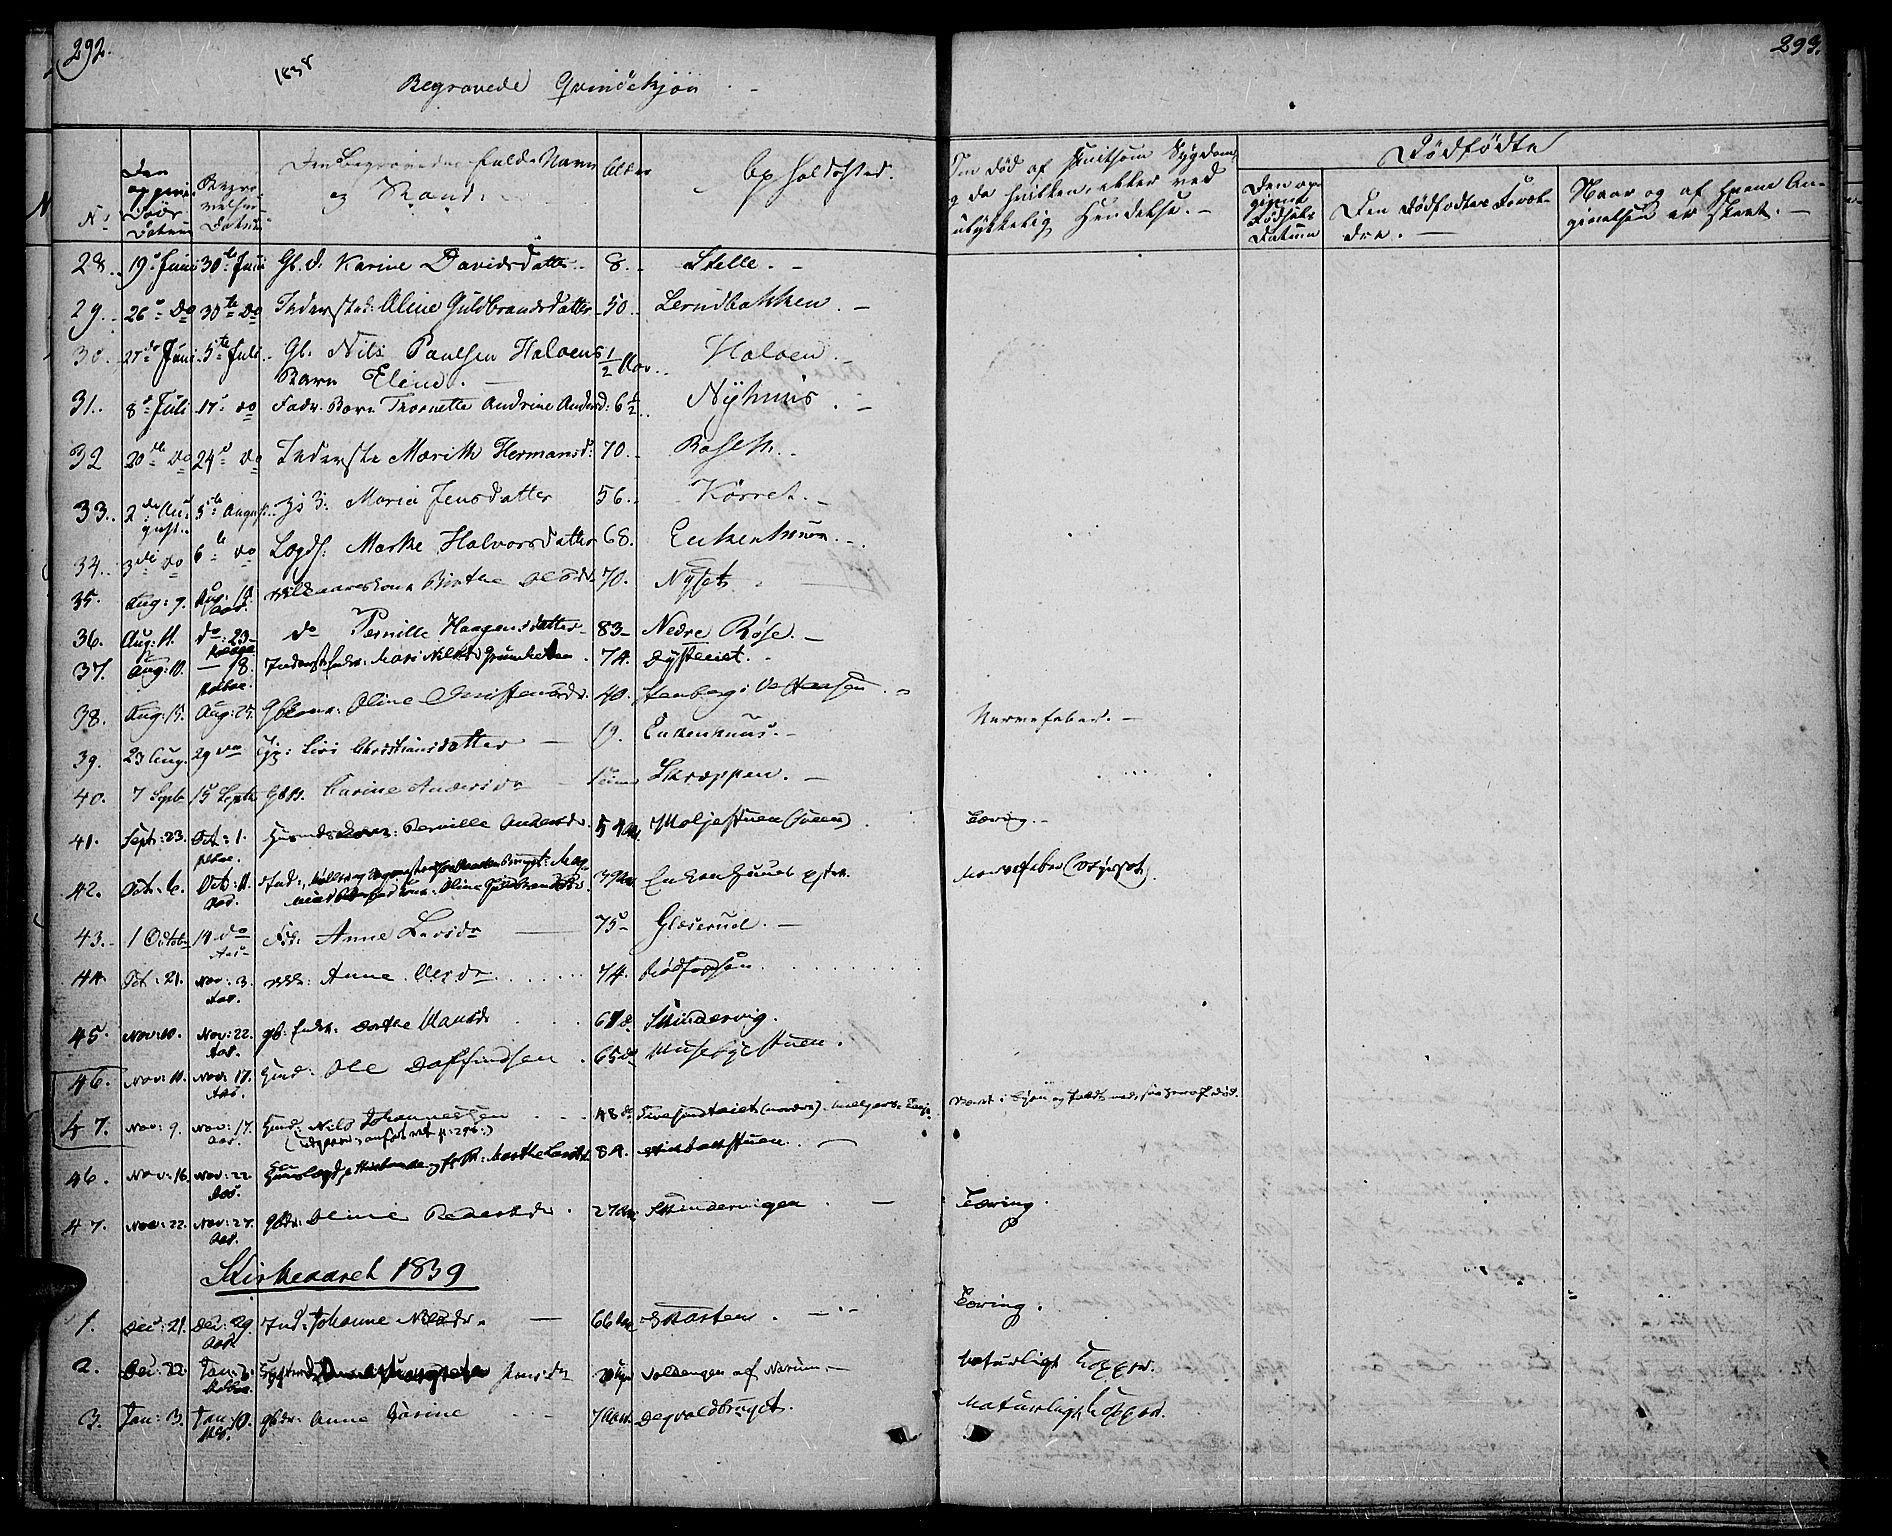 SAH, Vestre Toten prestekontor, Ministerialbok nr. 3, 1836-1843, s. 292-293